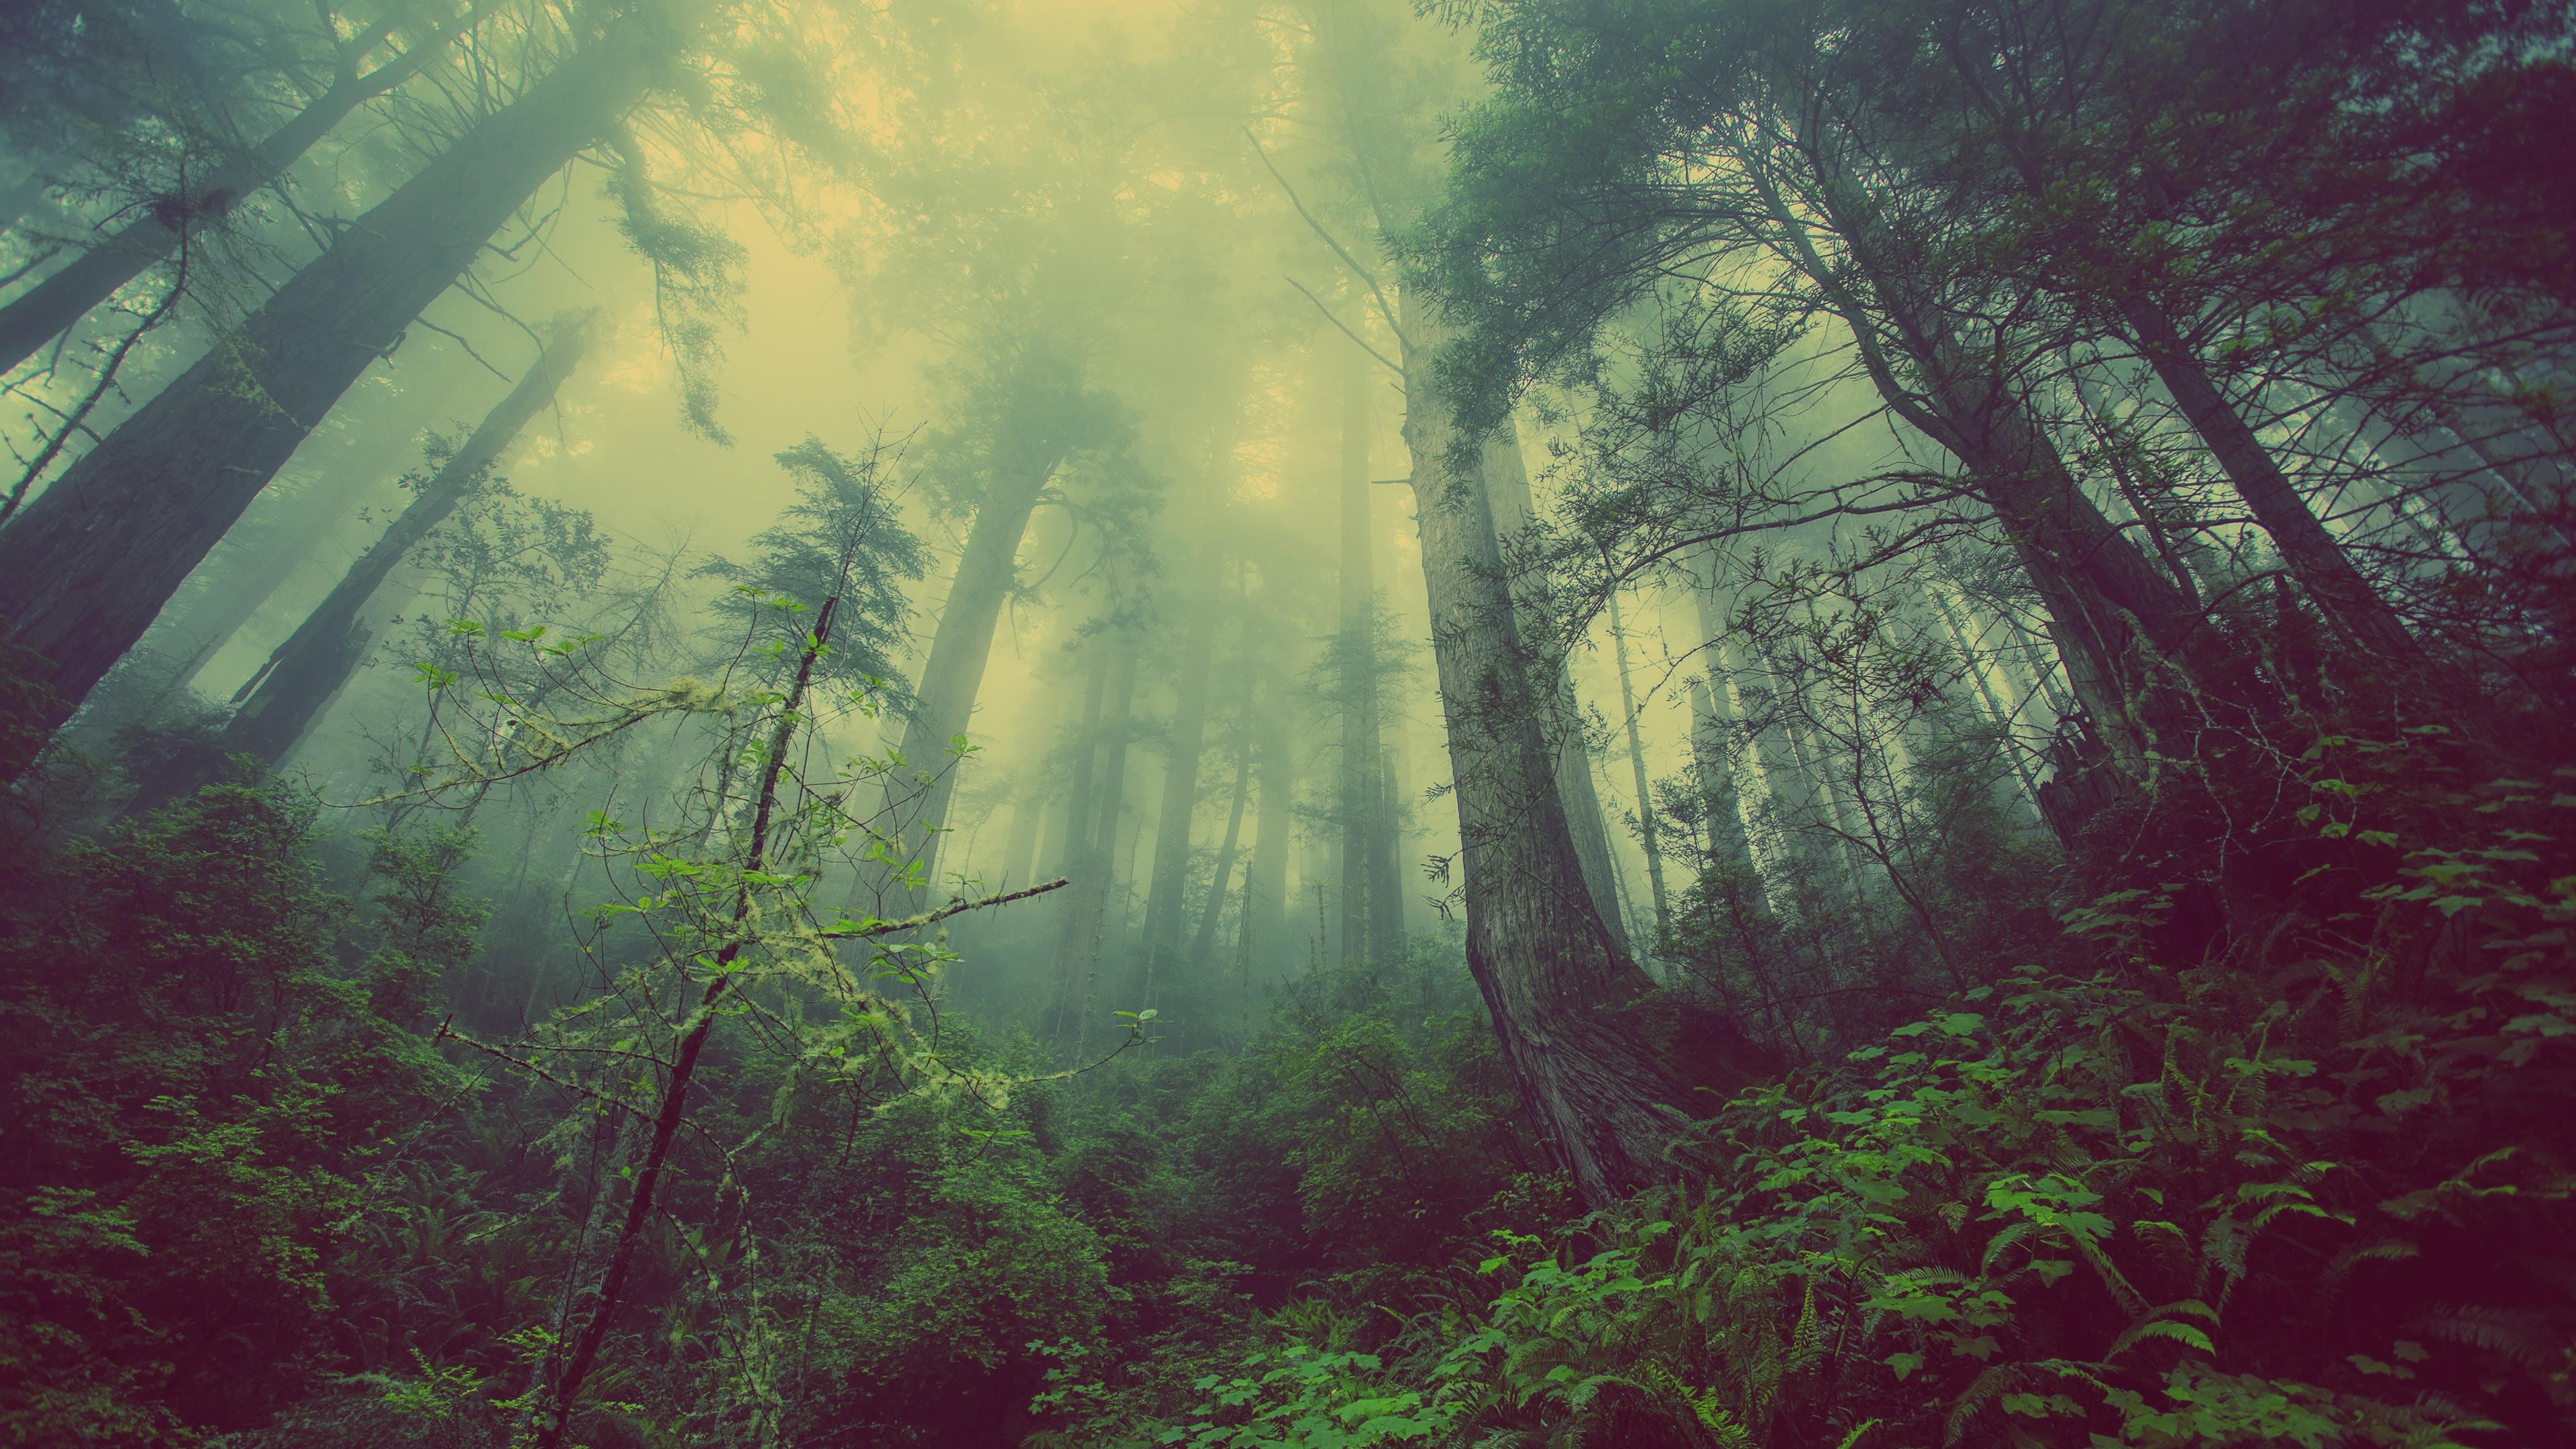 Los árboles luchan por su supervivencia cuando los bosques se vuelven pequeños